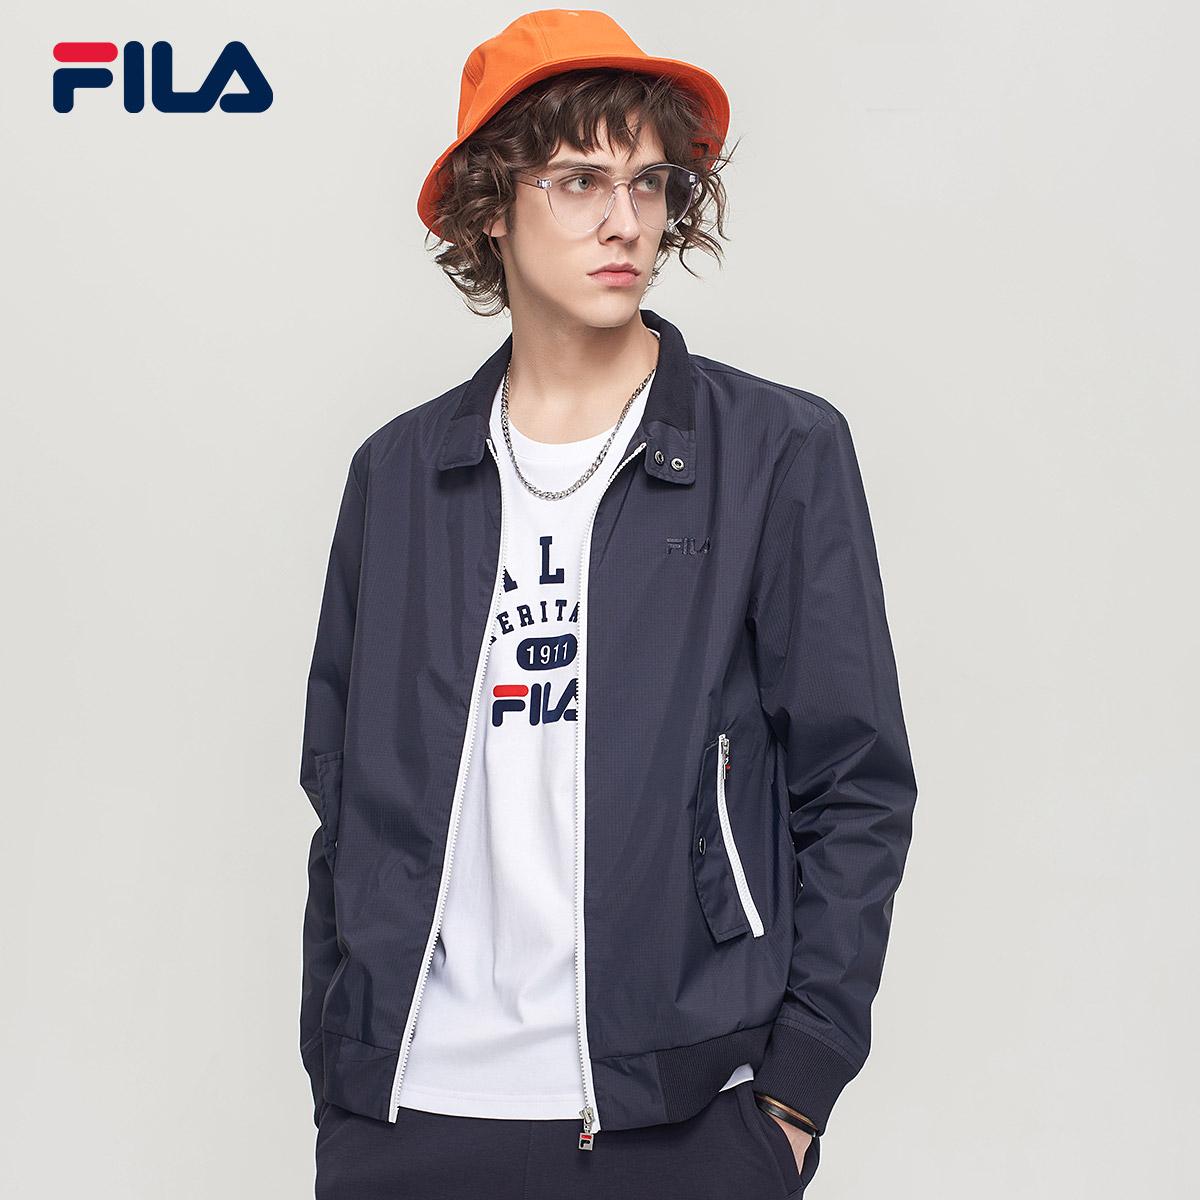 FILA斐乐外套夹克男2018秋季新品休闲透气潮流复古运动梭织上衣男